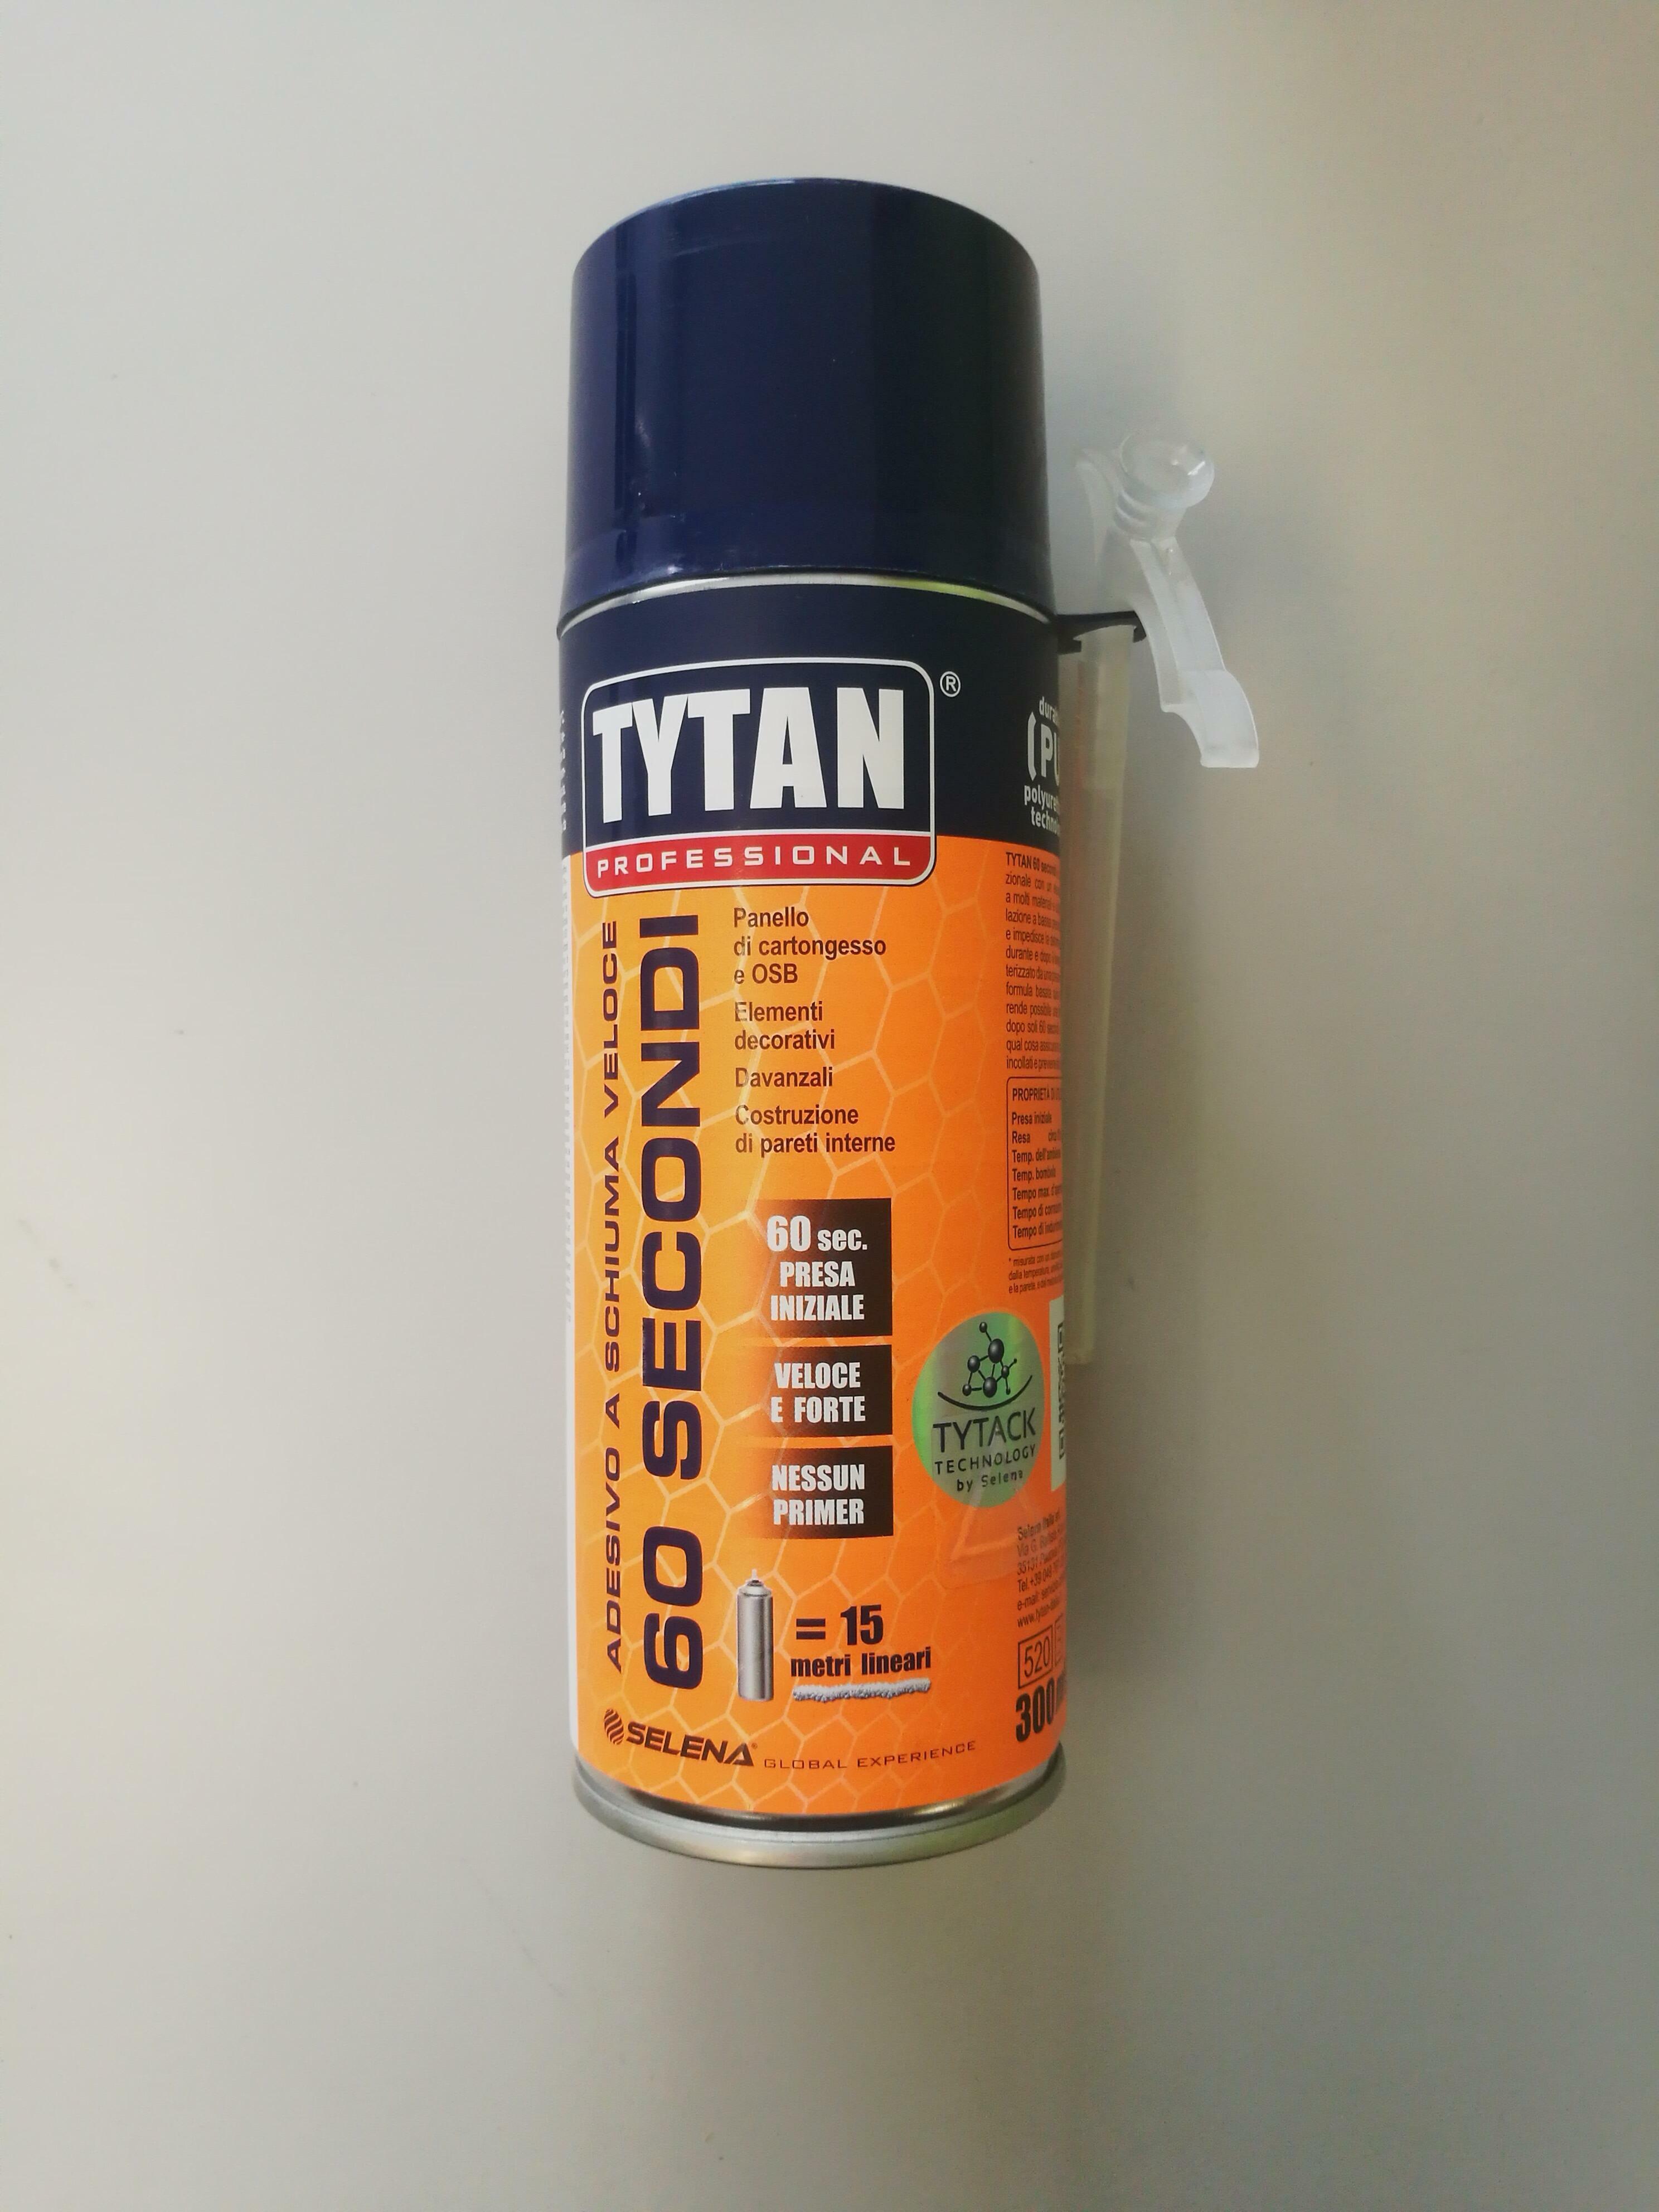 tytan professional tytan professional adesivo a schiuma veloce 60sec. 300ml tipo manuale